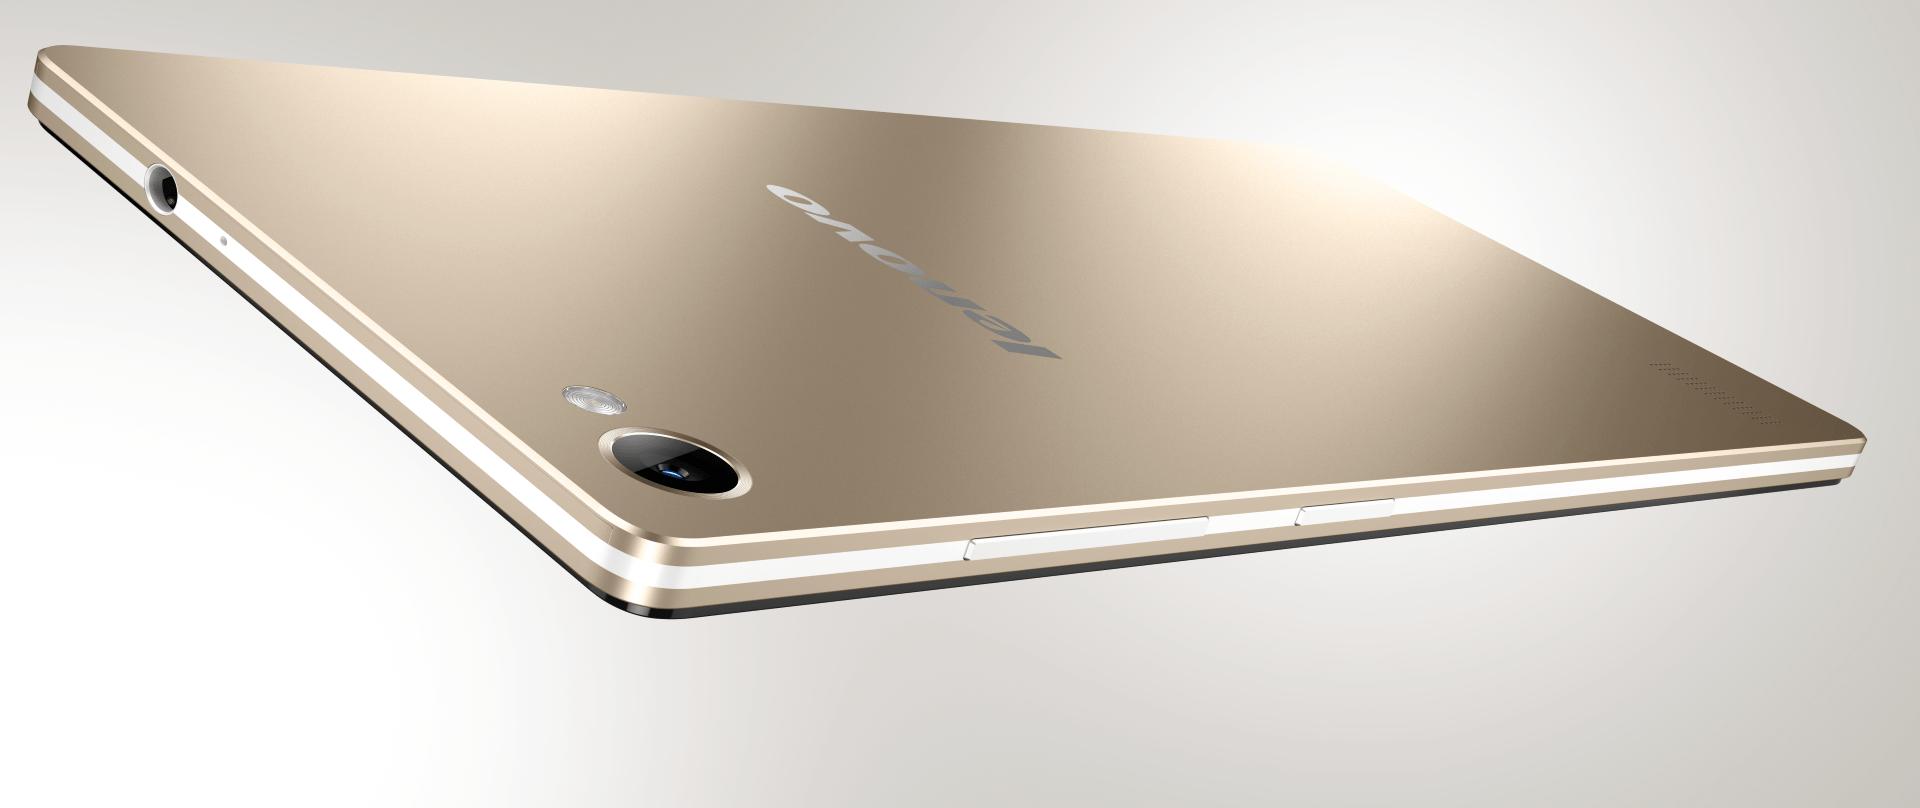 Lenovo K5 Note VS Lenovo Vibe P1 Budget Lenovo Phone